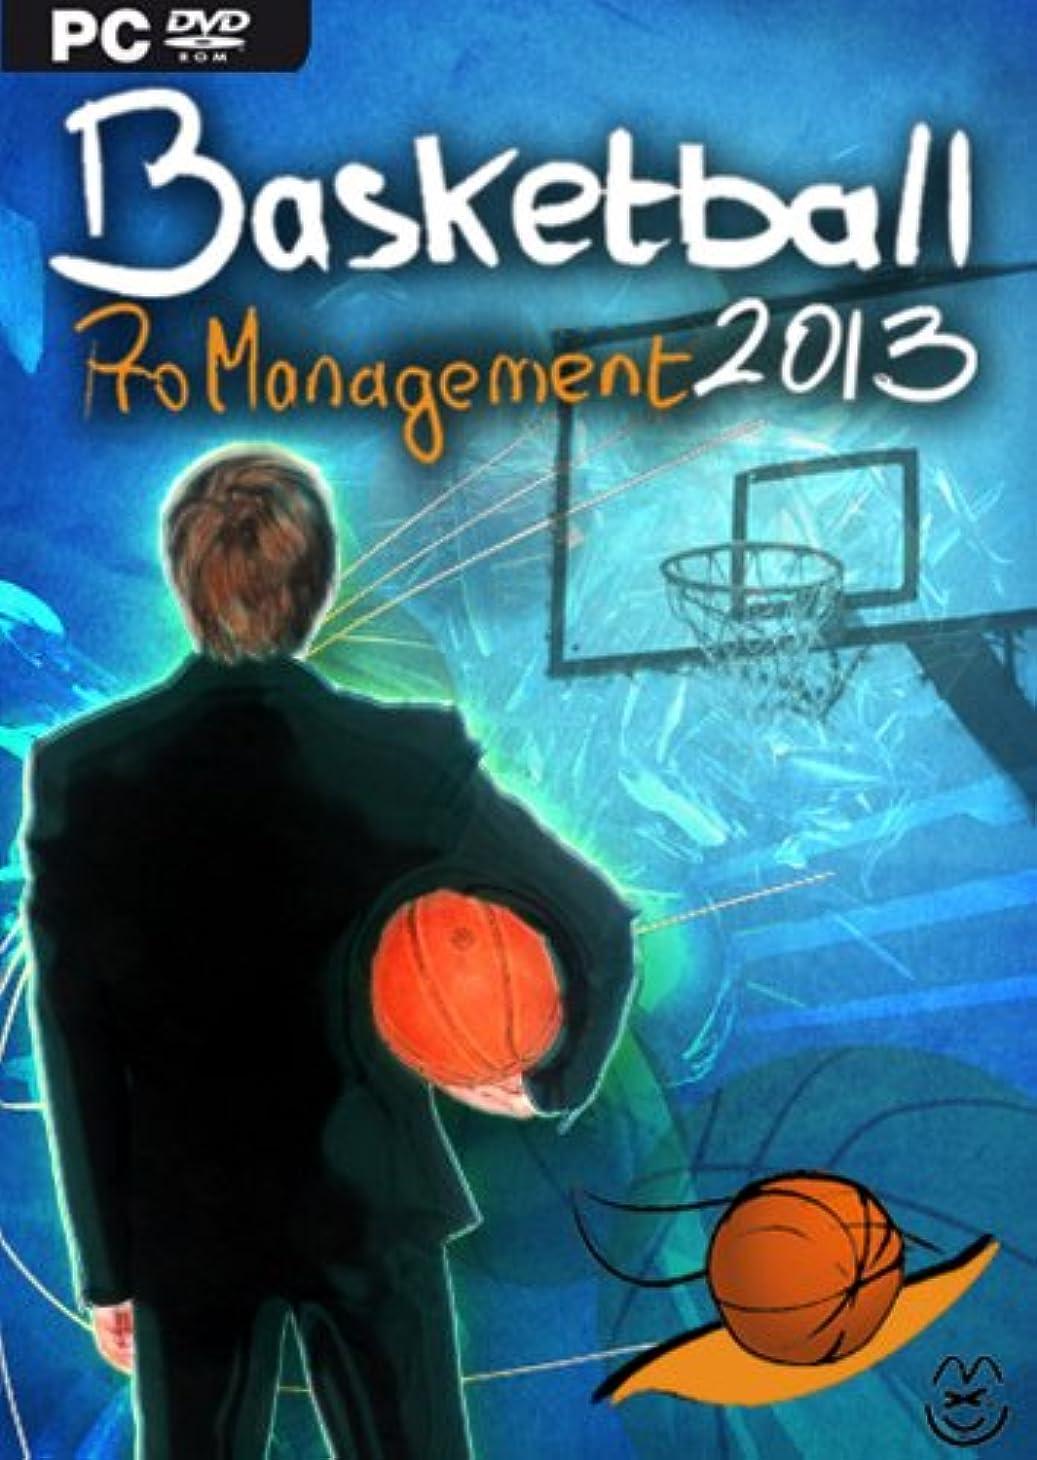 サンダース美的引き金Basket Ball Pro Management 2013 [ダウンロード]